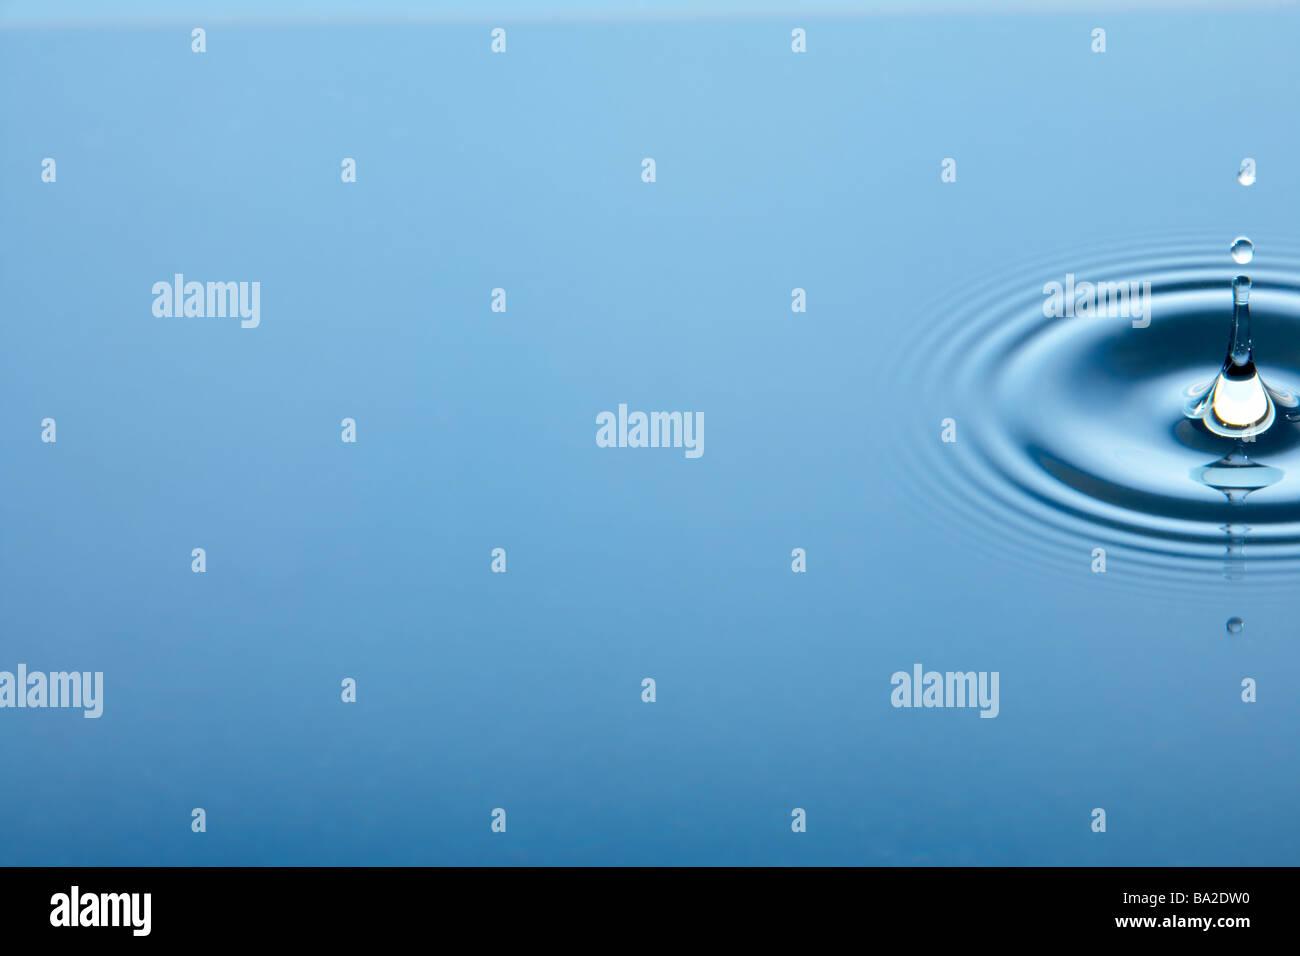 Círculos concéntricos formando agua quieta Imagen De Stock